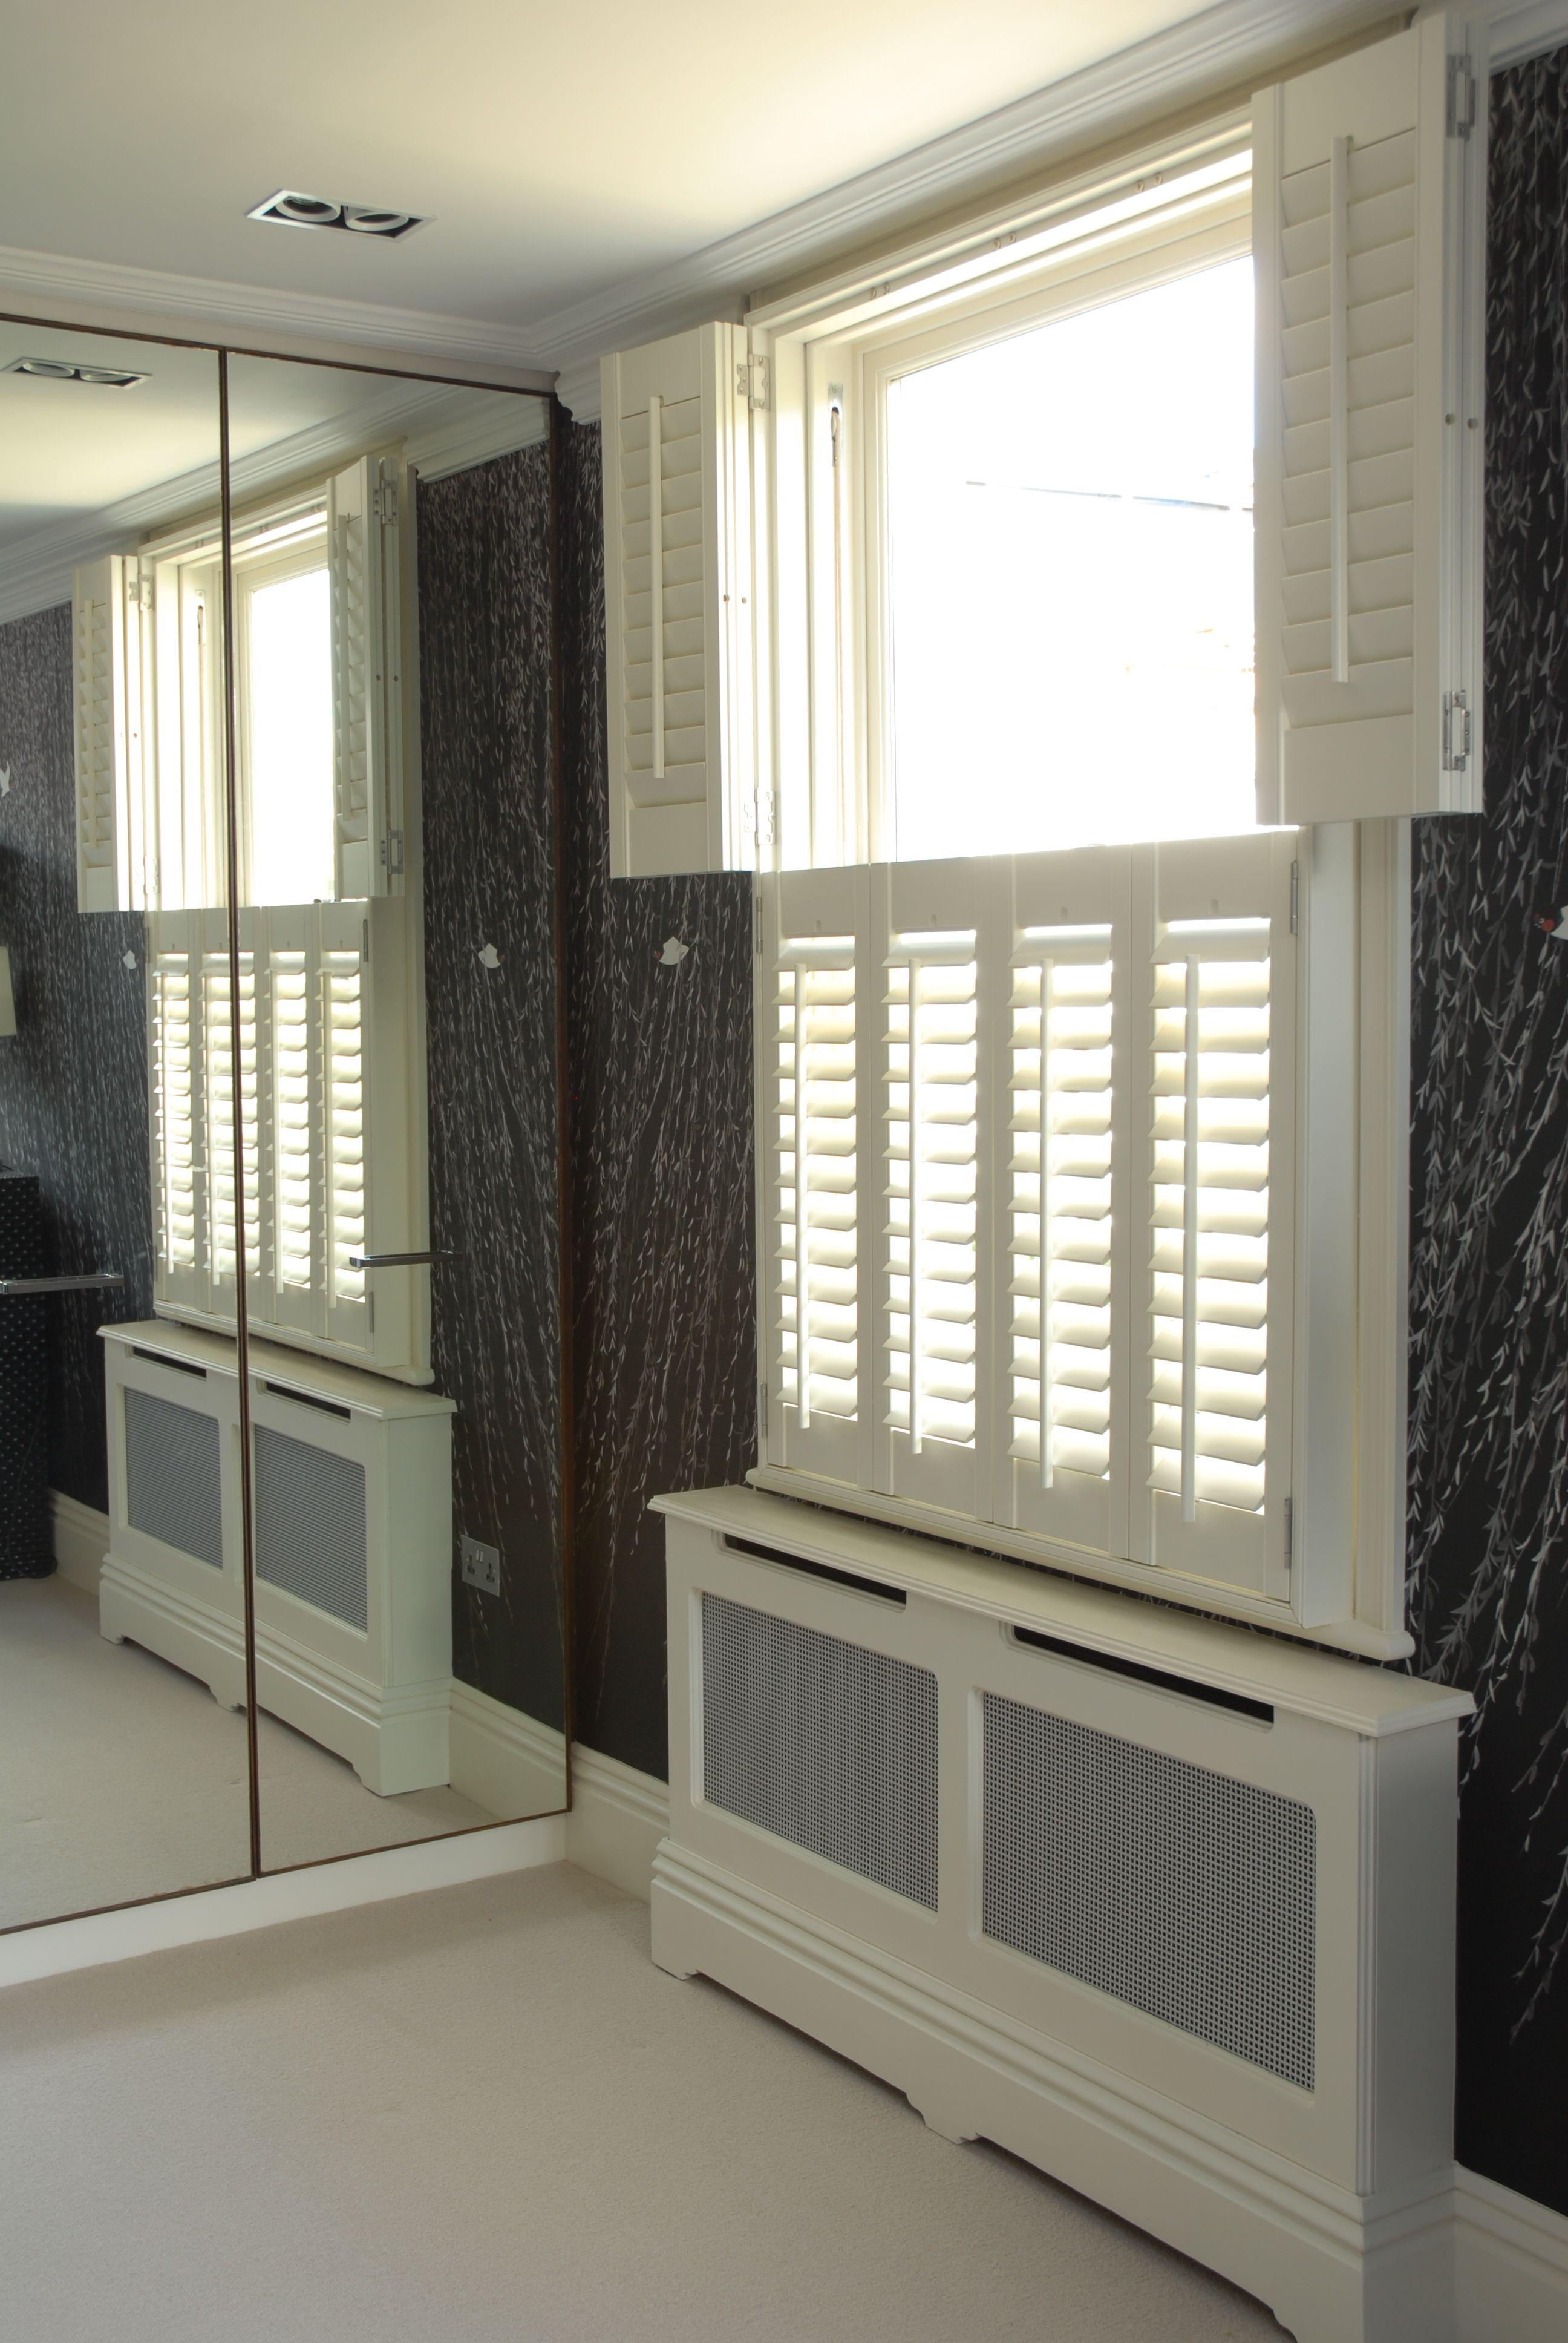 Tier on Tier Shutters Window shutters, Buy windows, Best